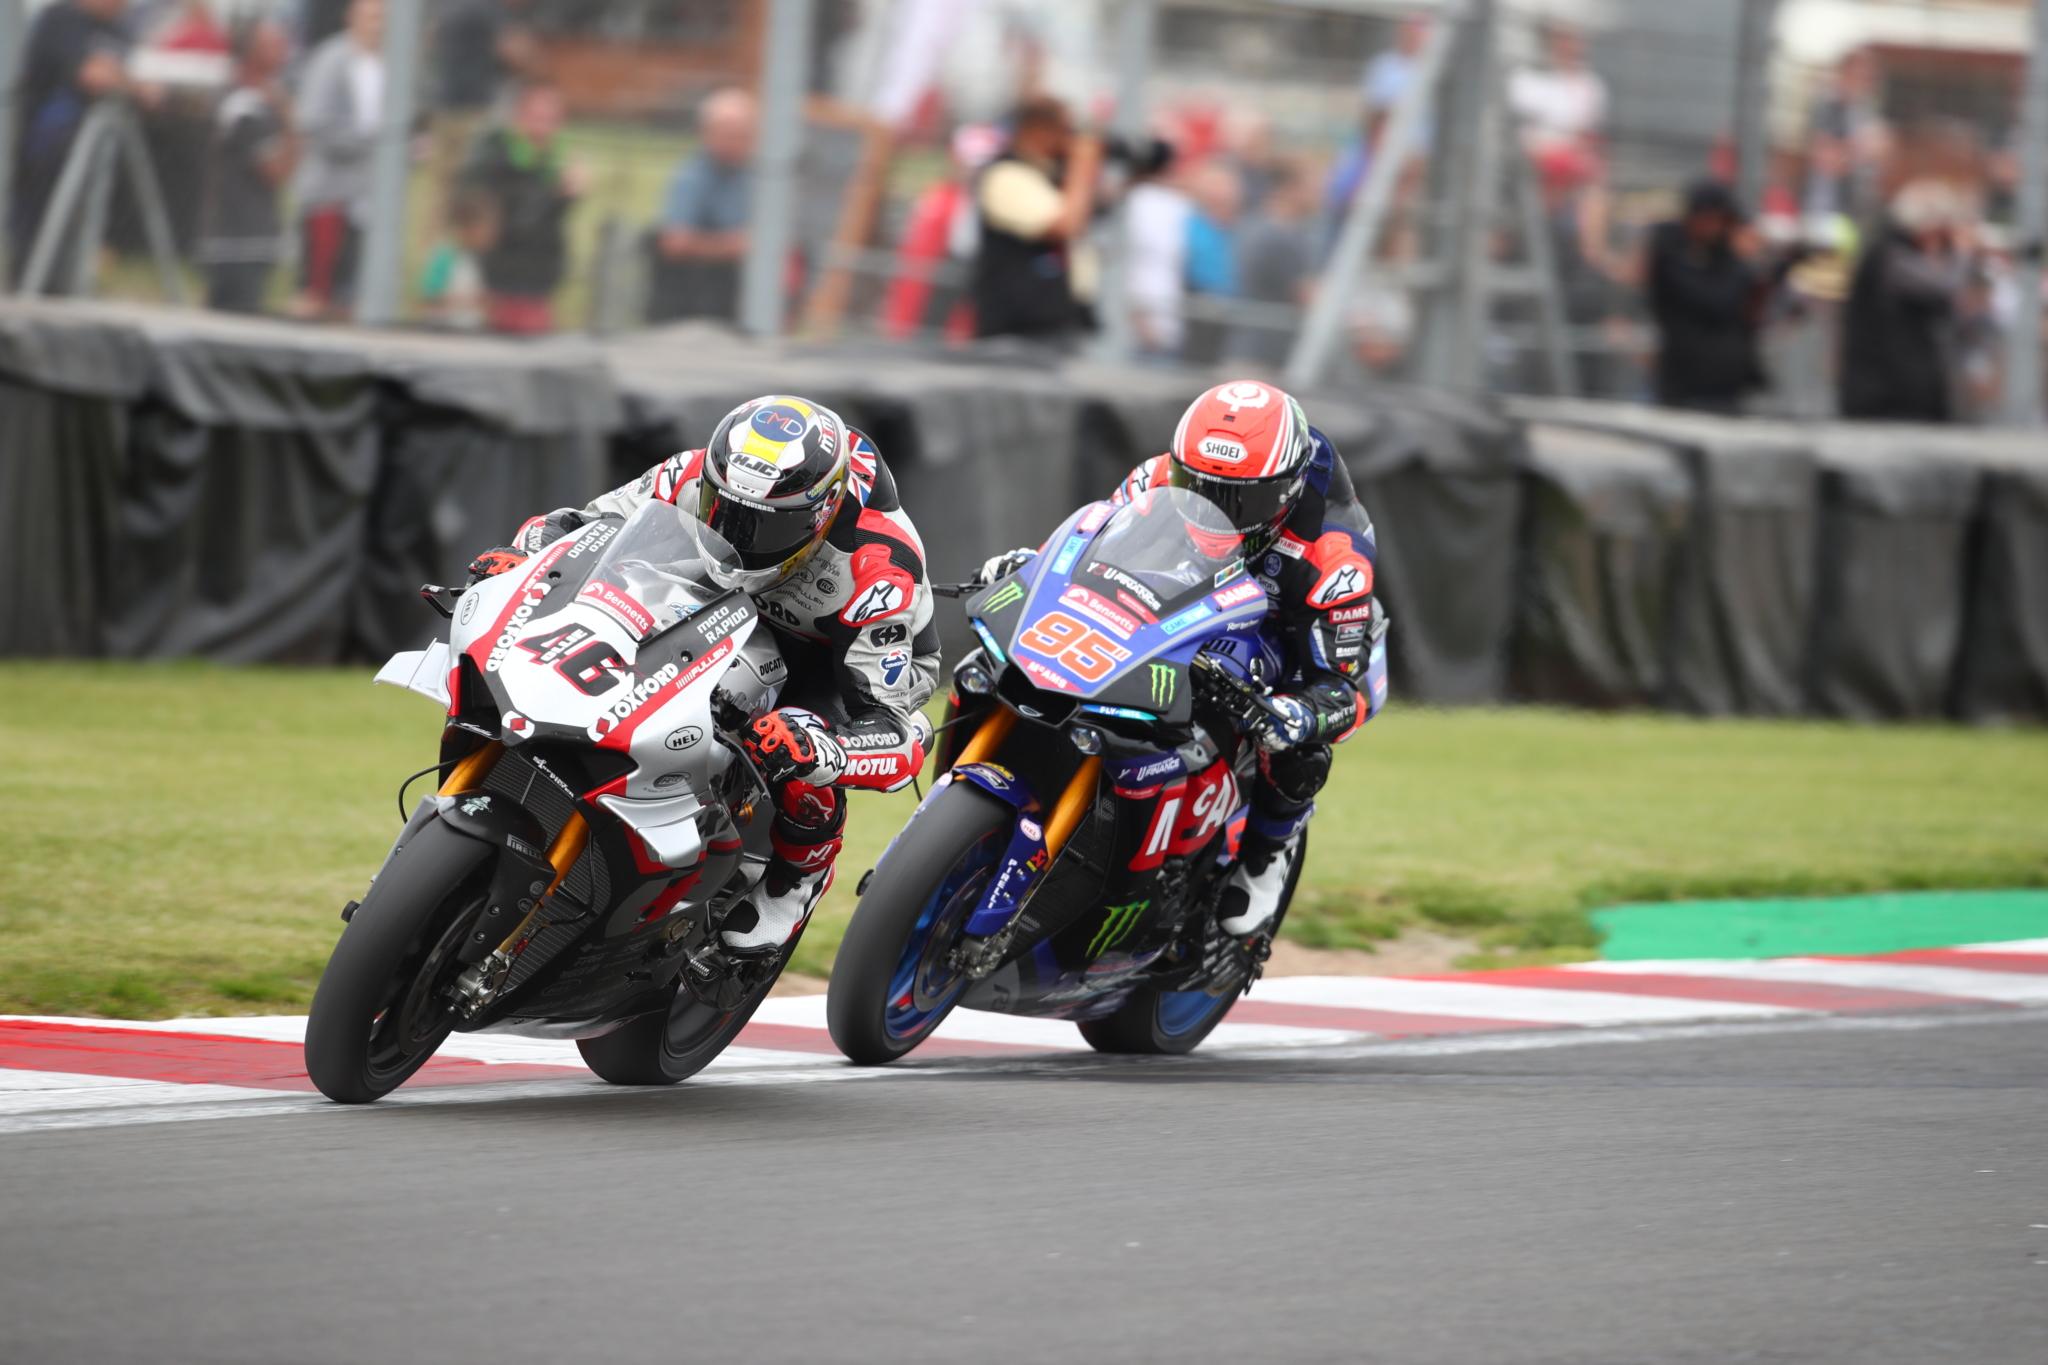 Pirelli rolls out larger Diablo Superbike Slick tyres for BSB Championship restart